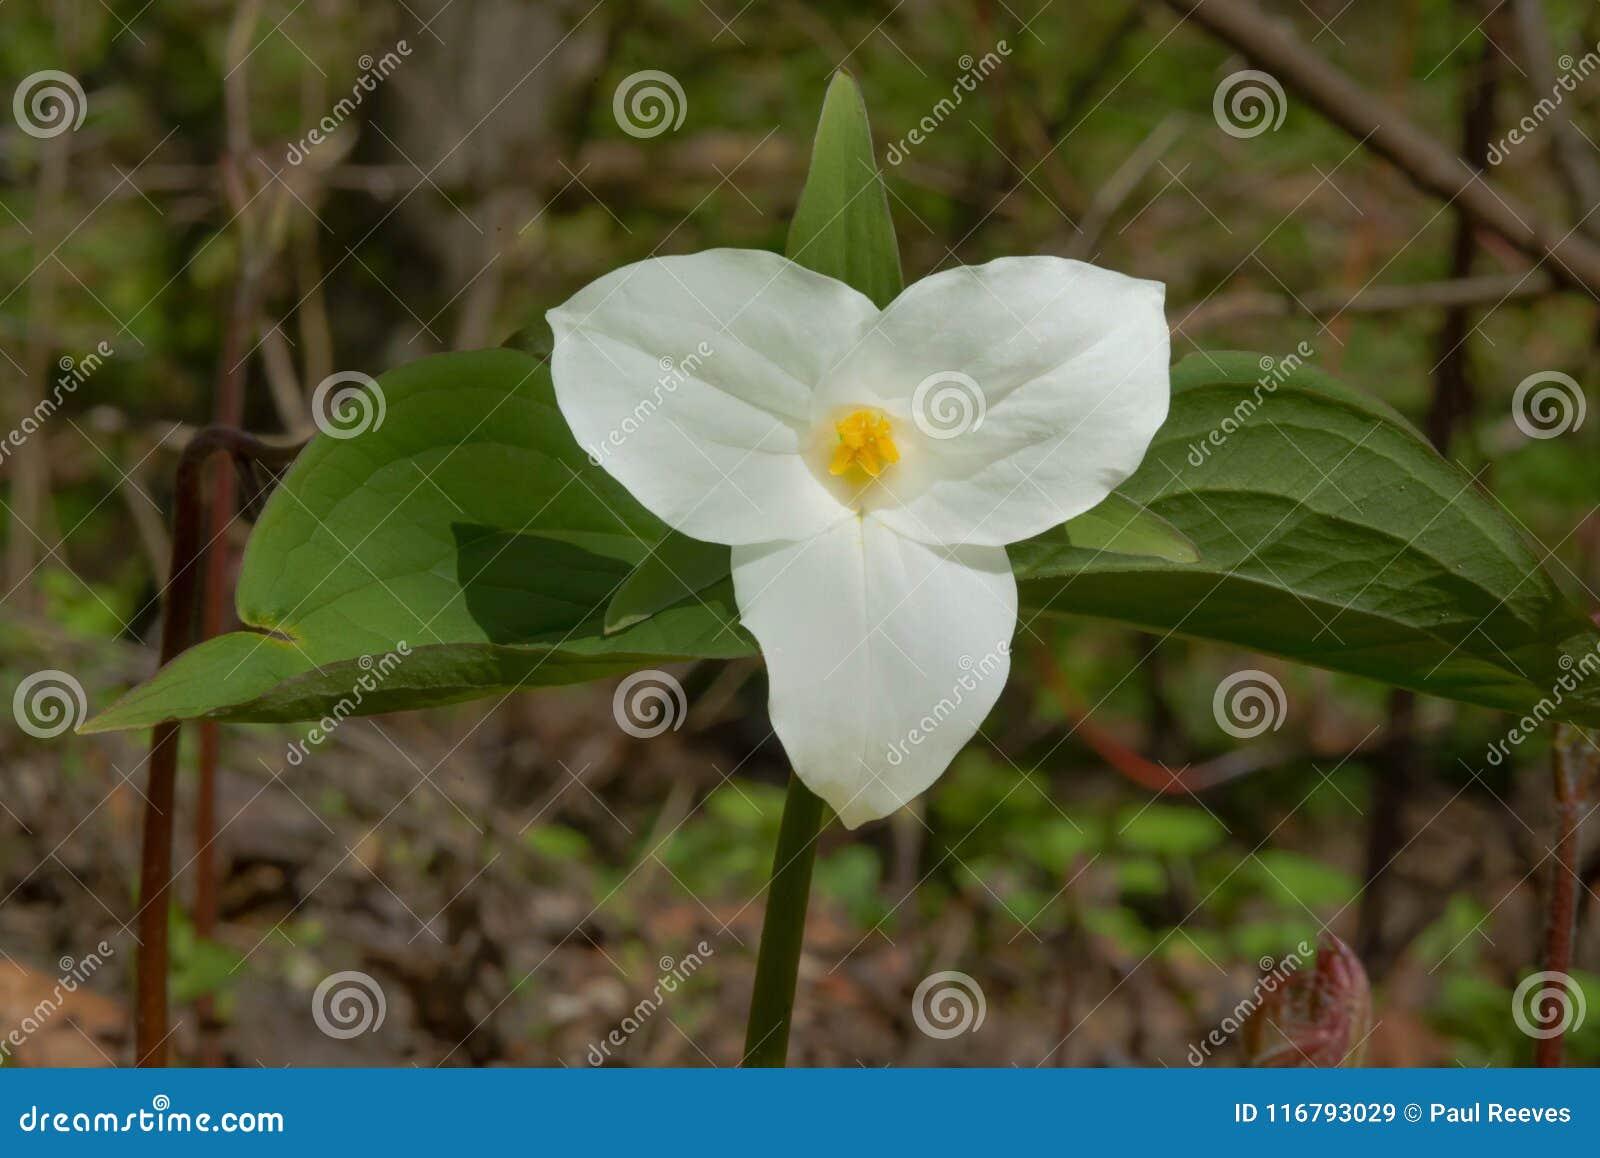 Download White Trillium - Trillium Grandiflorum Stock Image - Image of environment, ontario: 116793029